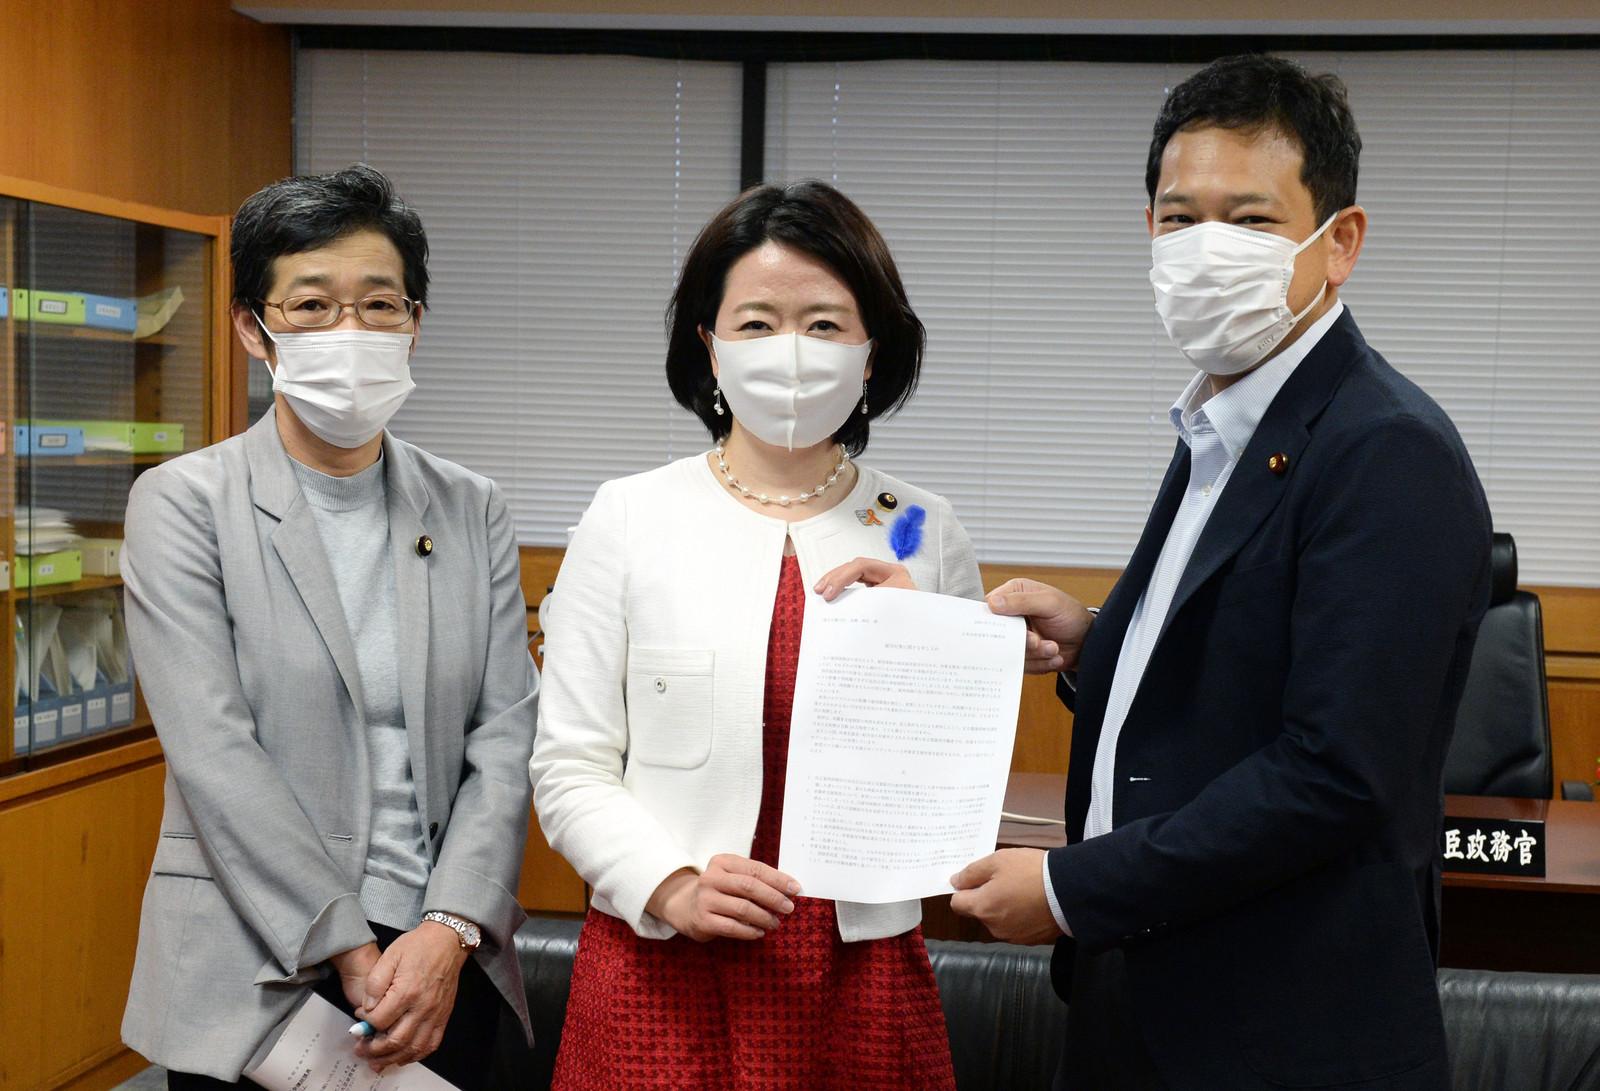 自見大臣政務官(中央)に申し入れ書を手渡す倉林(左)、宮本の各氏